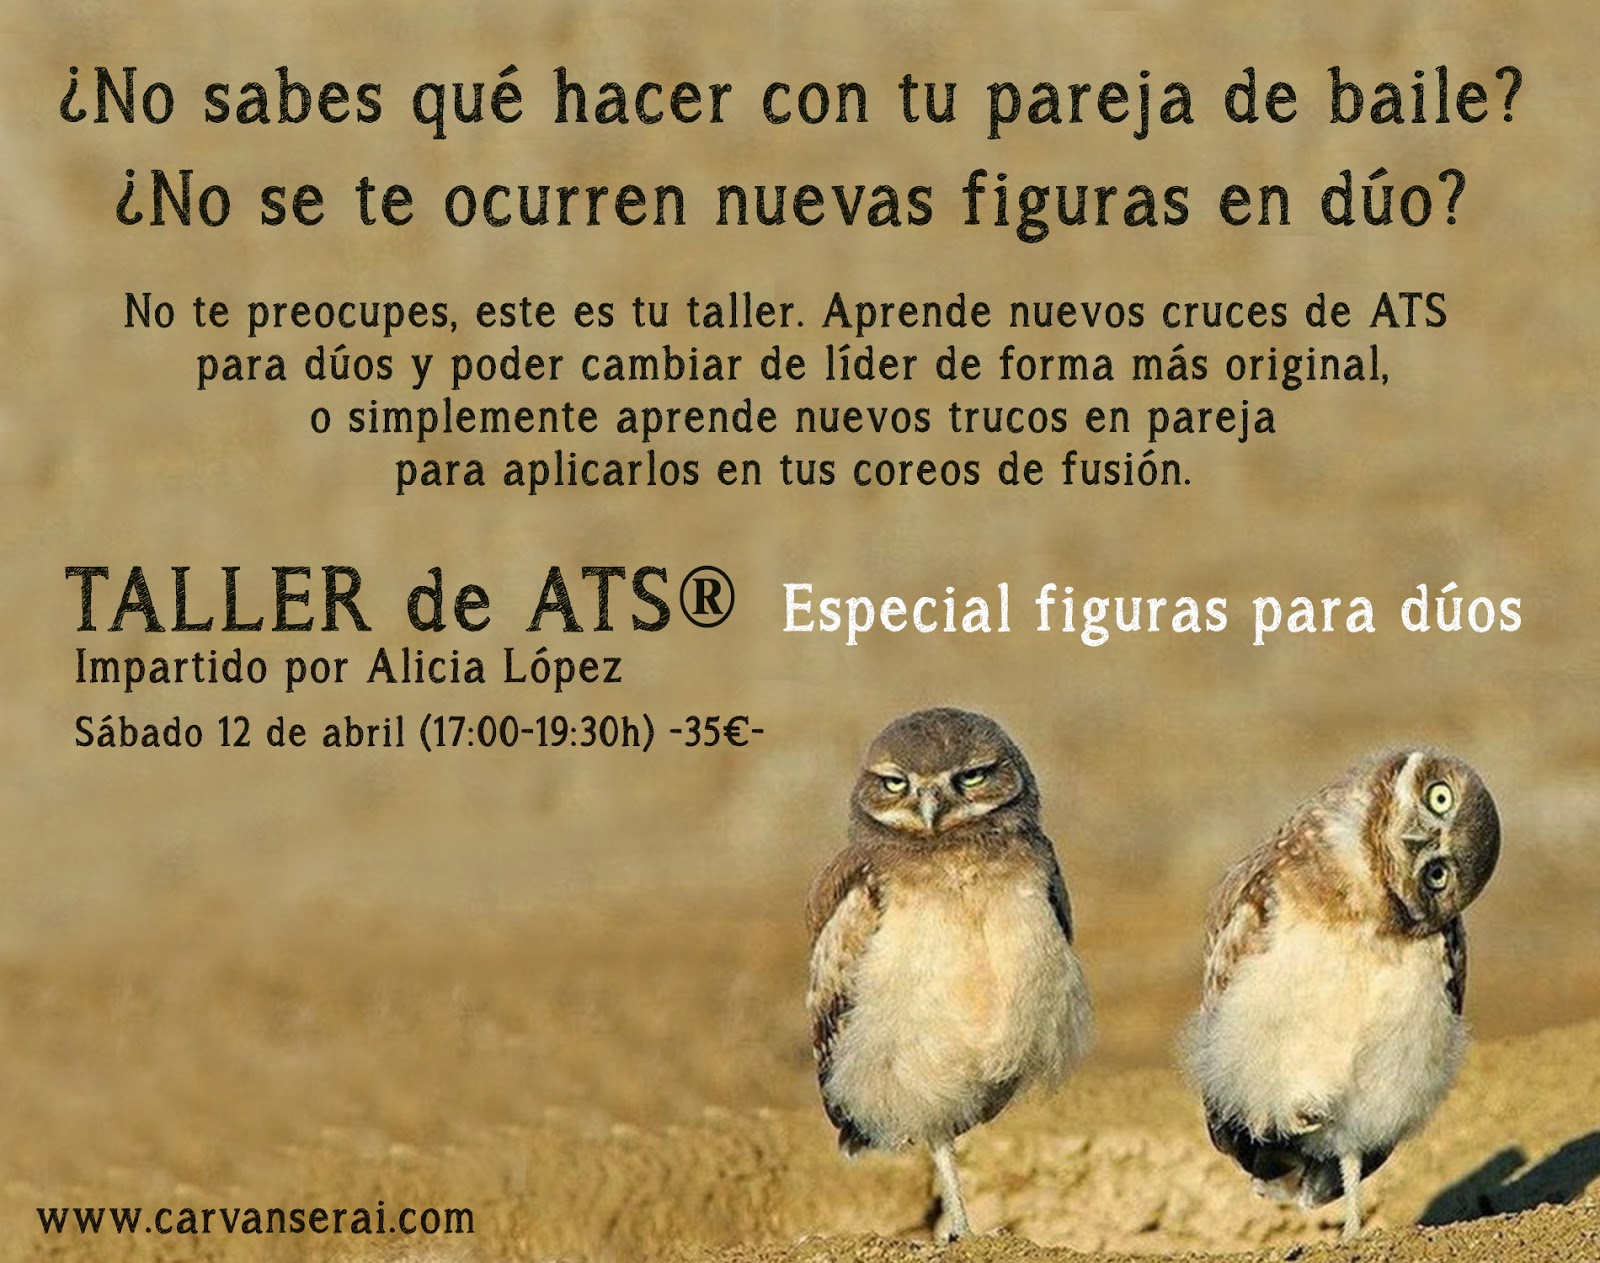 Taller de ATS en Madrid con Alicia Lopez